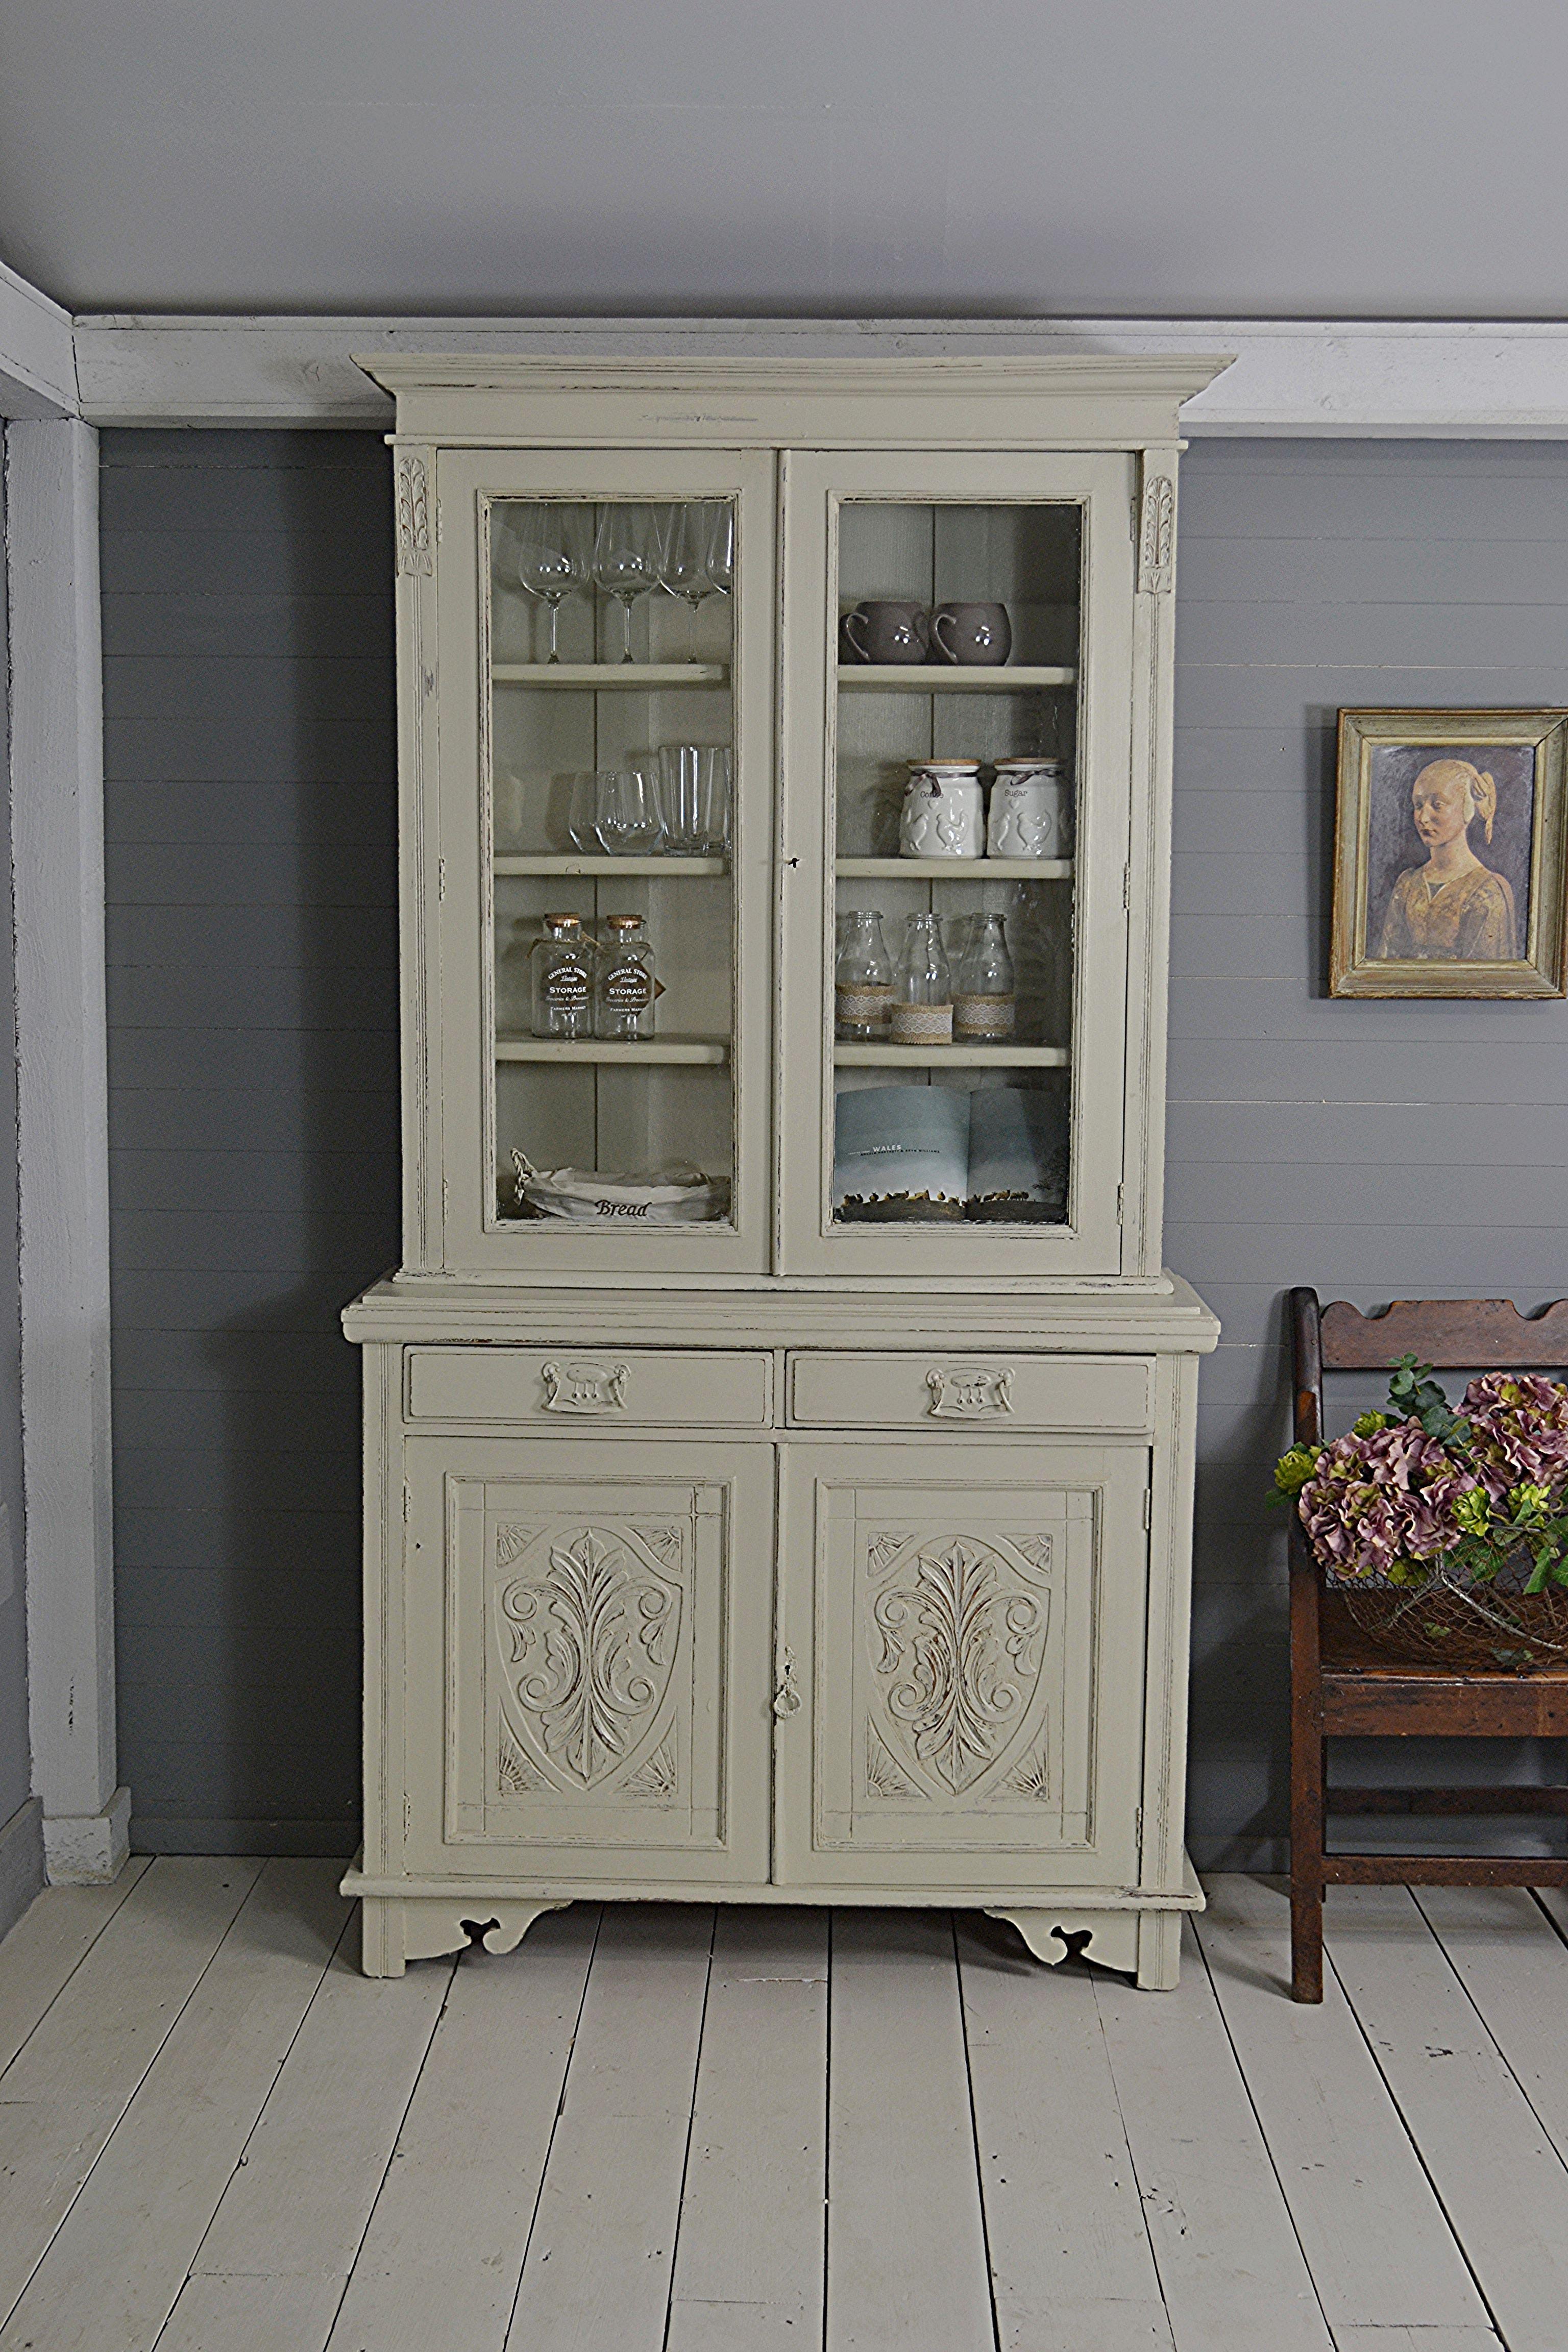 Letstrove Painted In Farrow Kitchen Dressershabby Chic Dressersvictorian